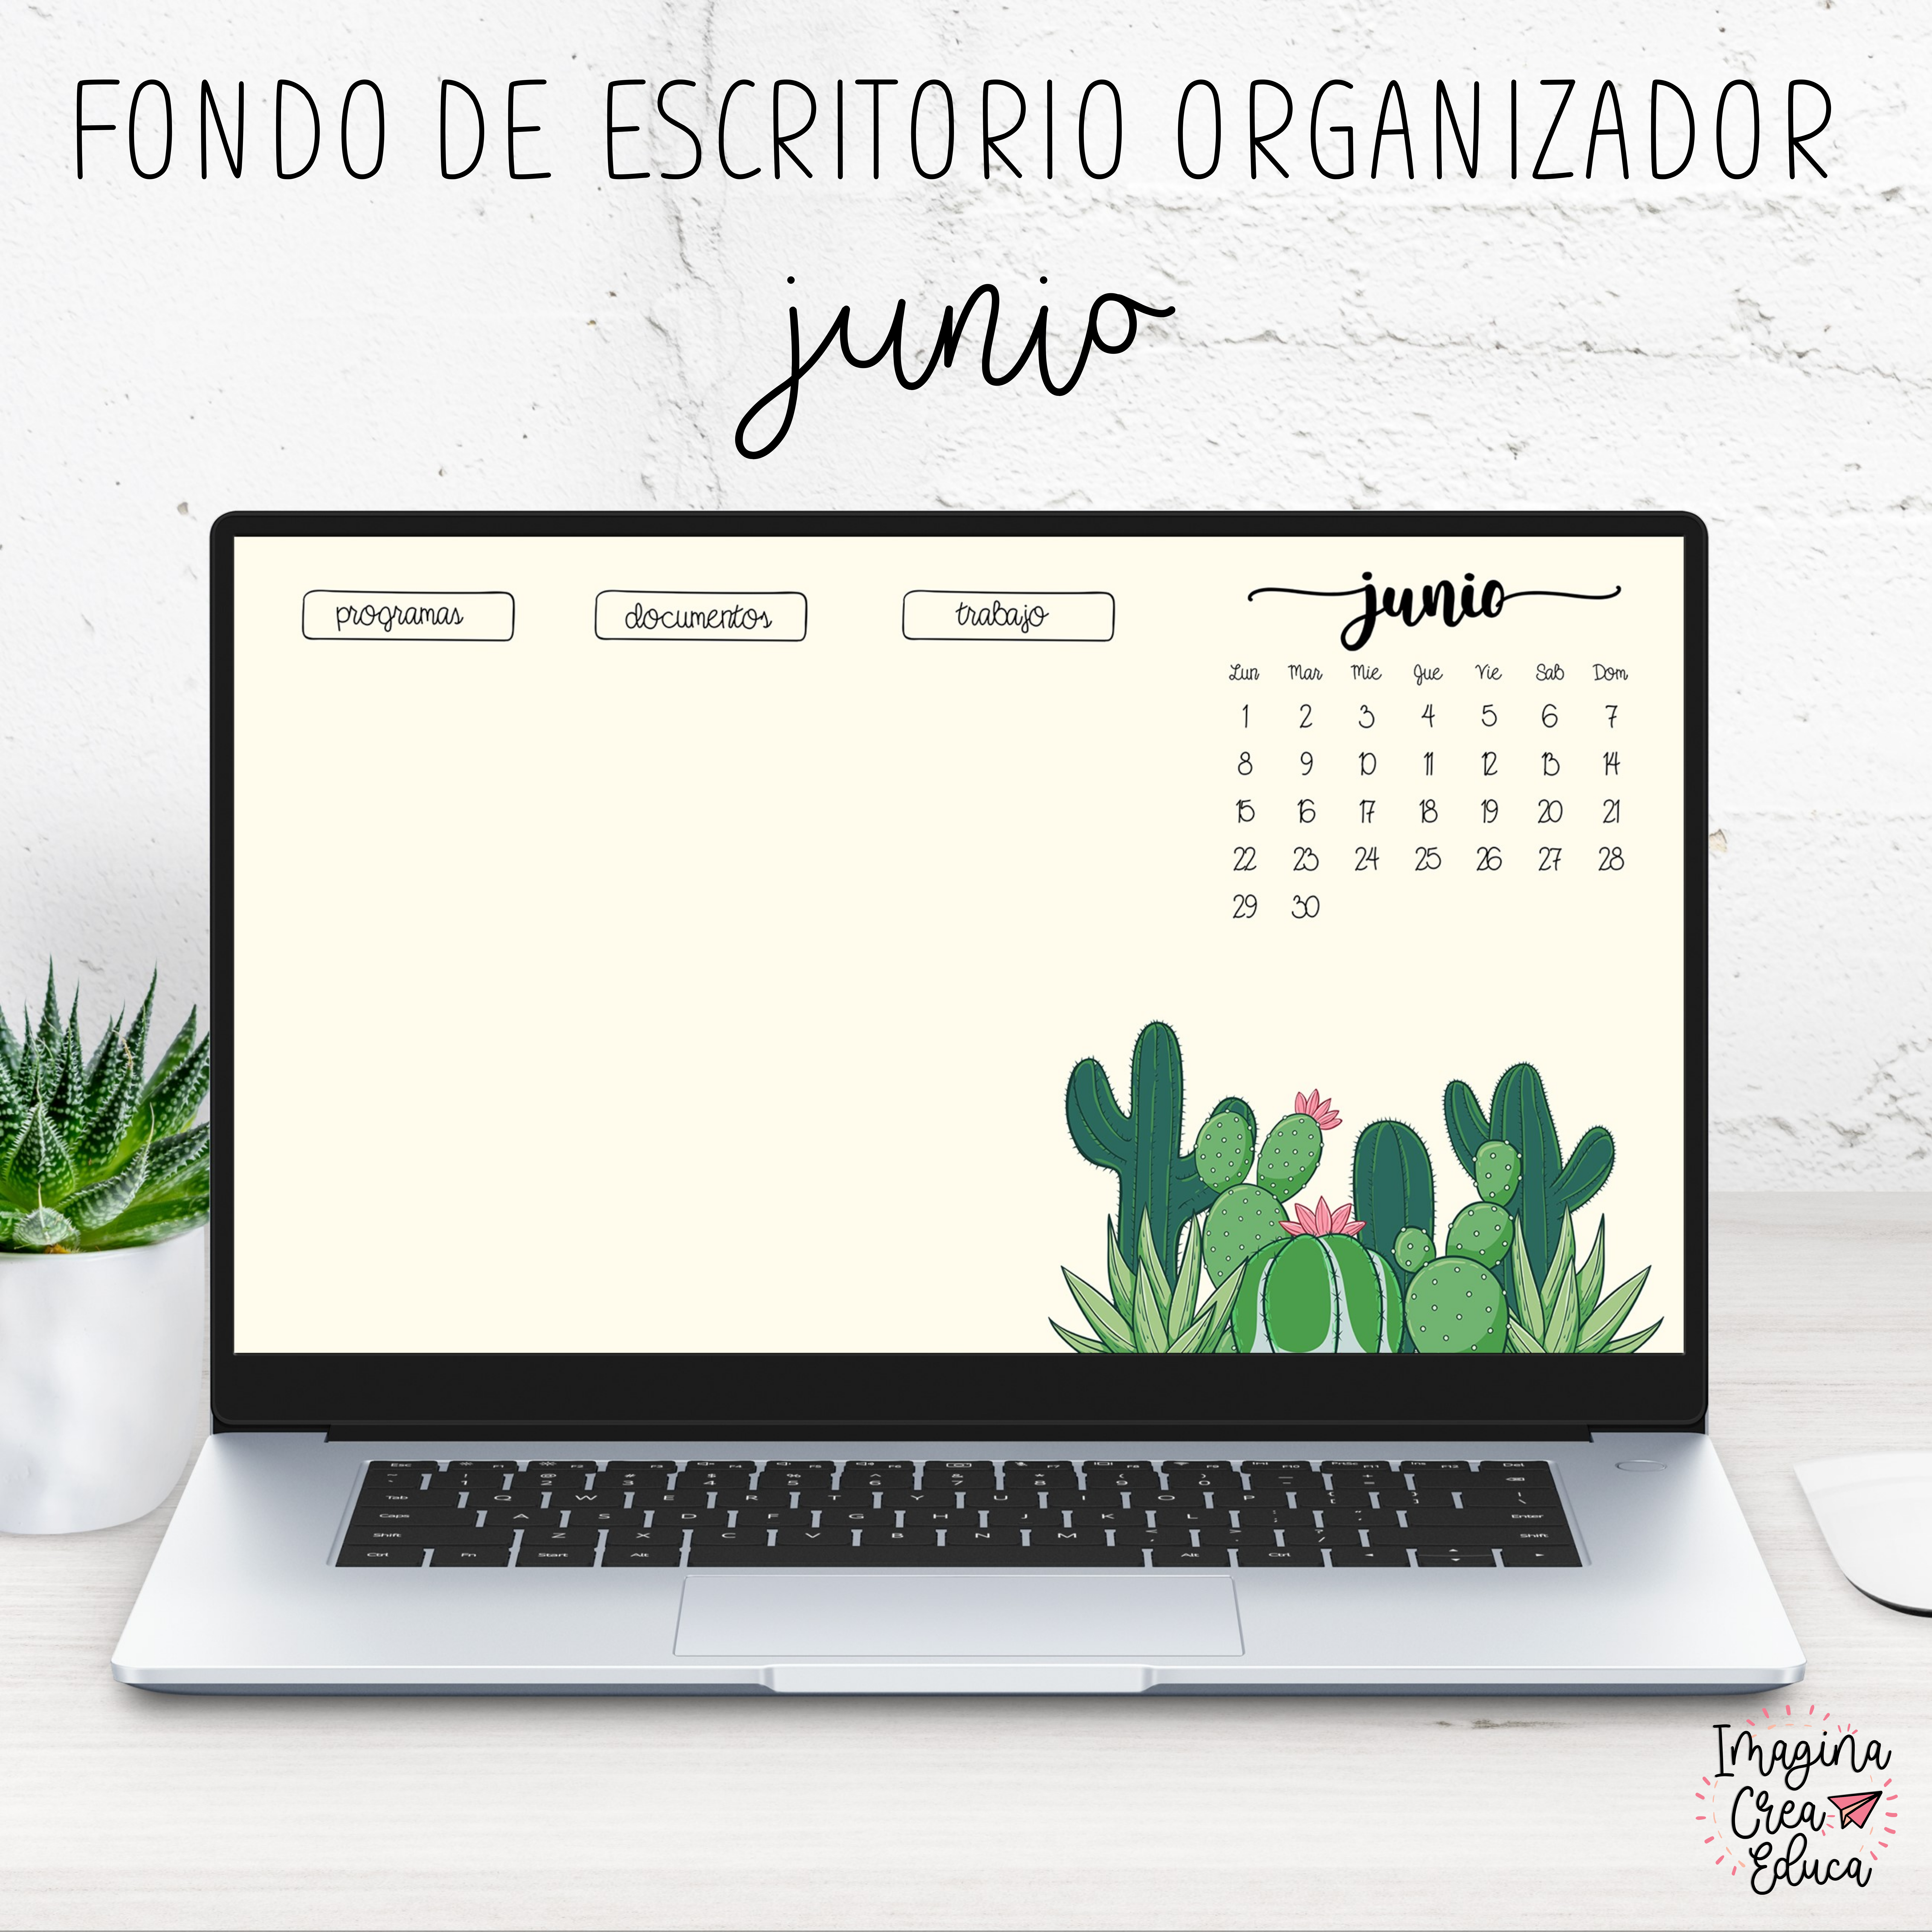 FONDO DE ESCRITORIO ORGANIZADOR JUNIO